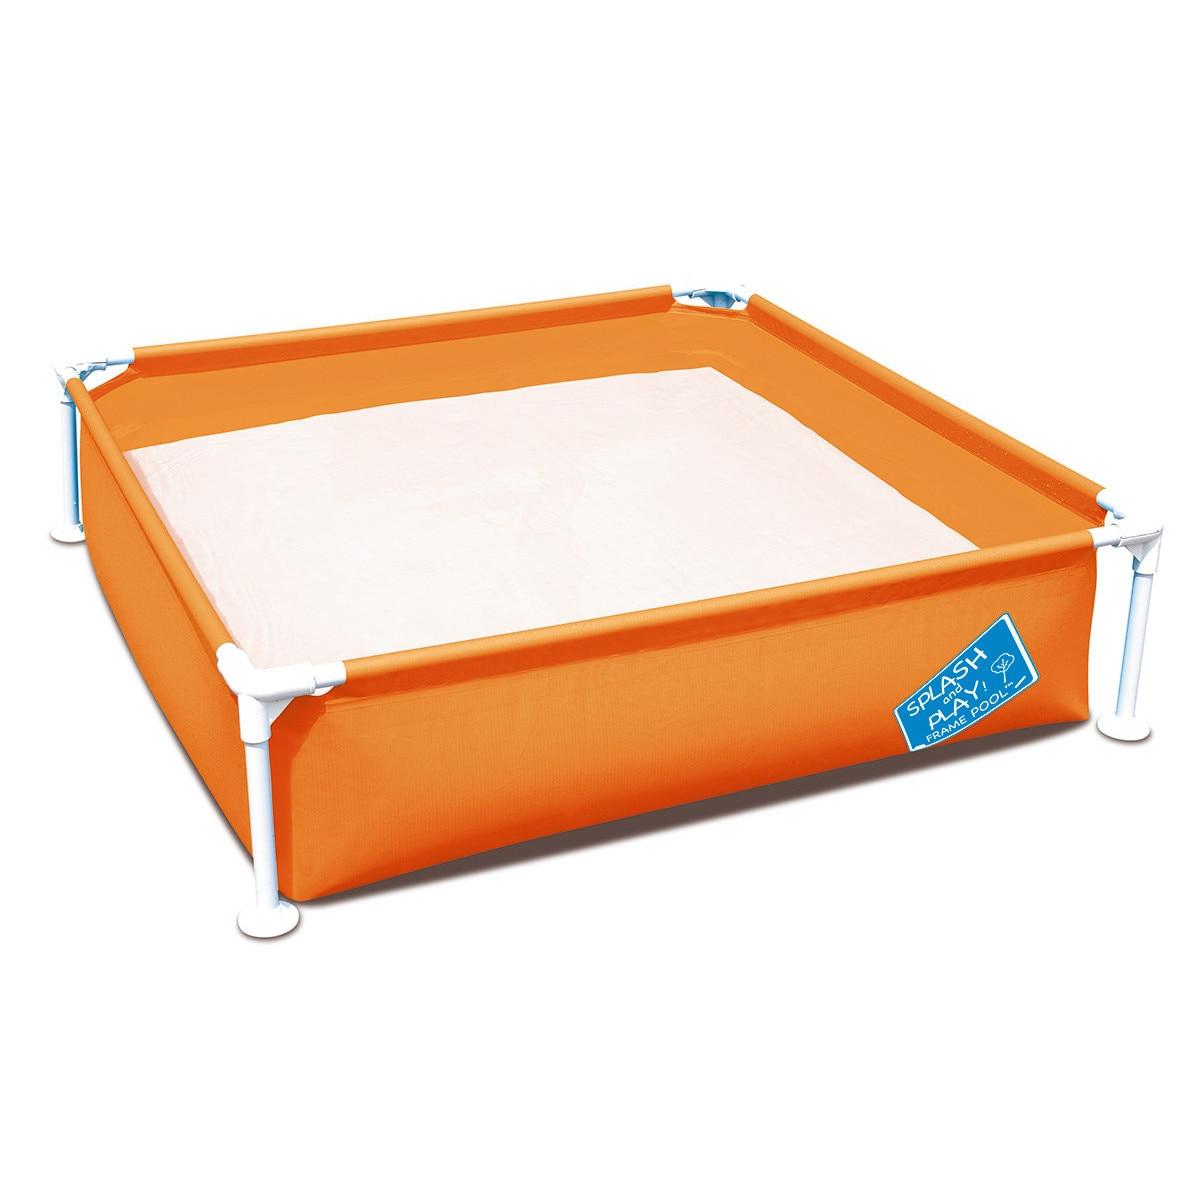 Bestway Pool Detachable Child Tubular My First Pool 122 Cm X 122 Cm X 30 Cm, 5 - 56217B